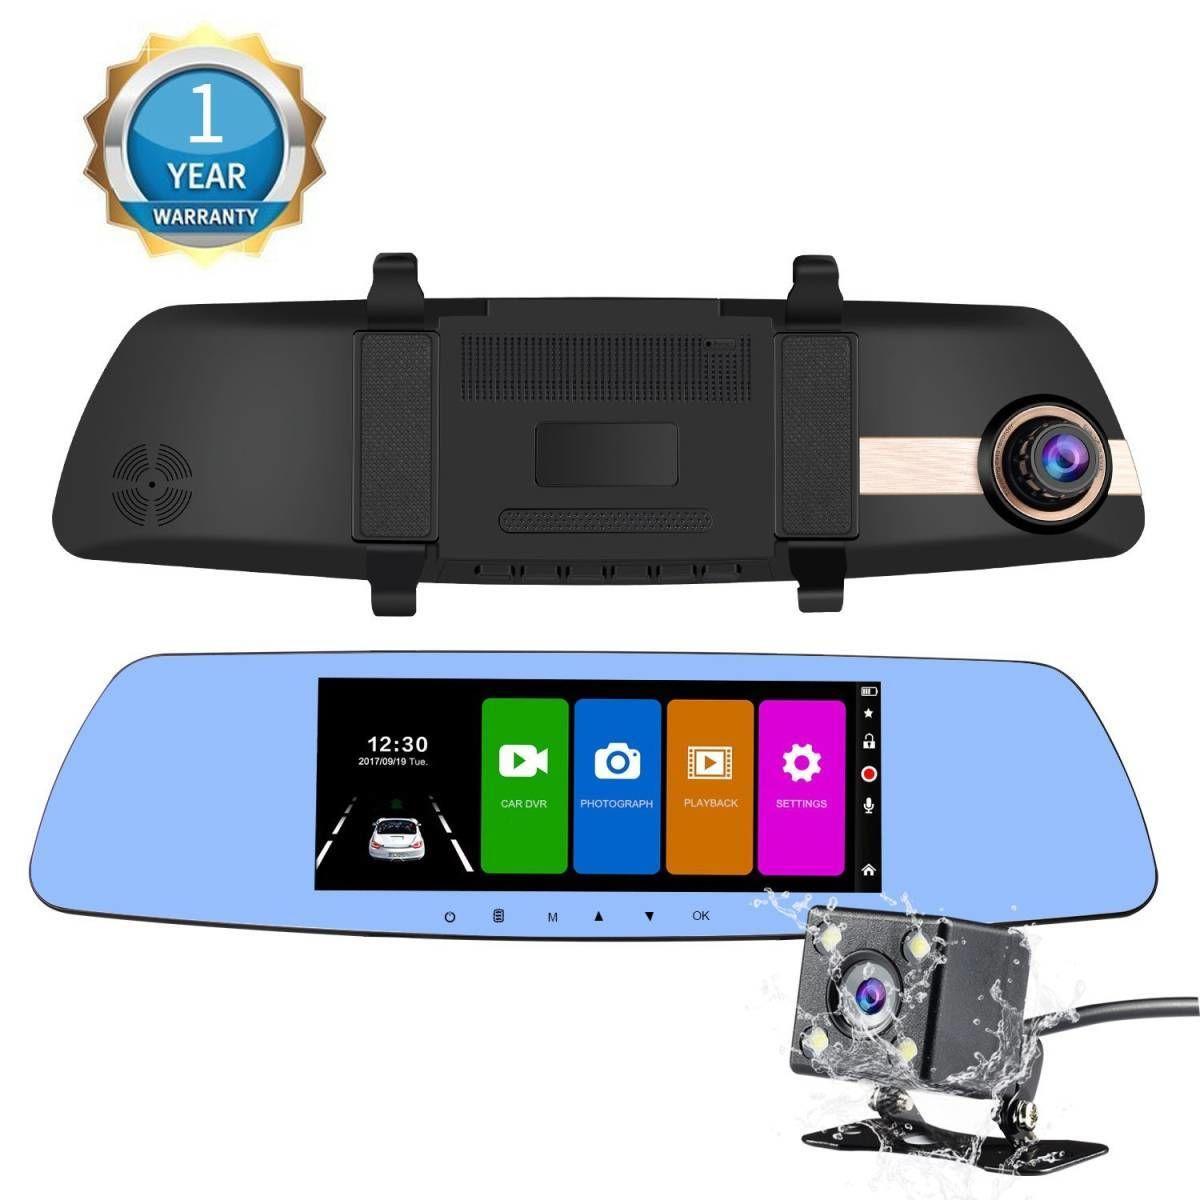 NexGadget ドライブレコーダー 7.0インチルームミラー型 大画面 タッチスクリーンドラレコ 1080P Full HD高画質 2カメラ搭載